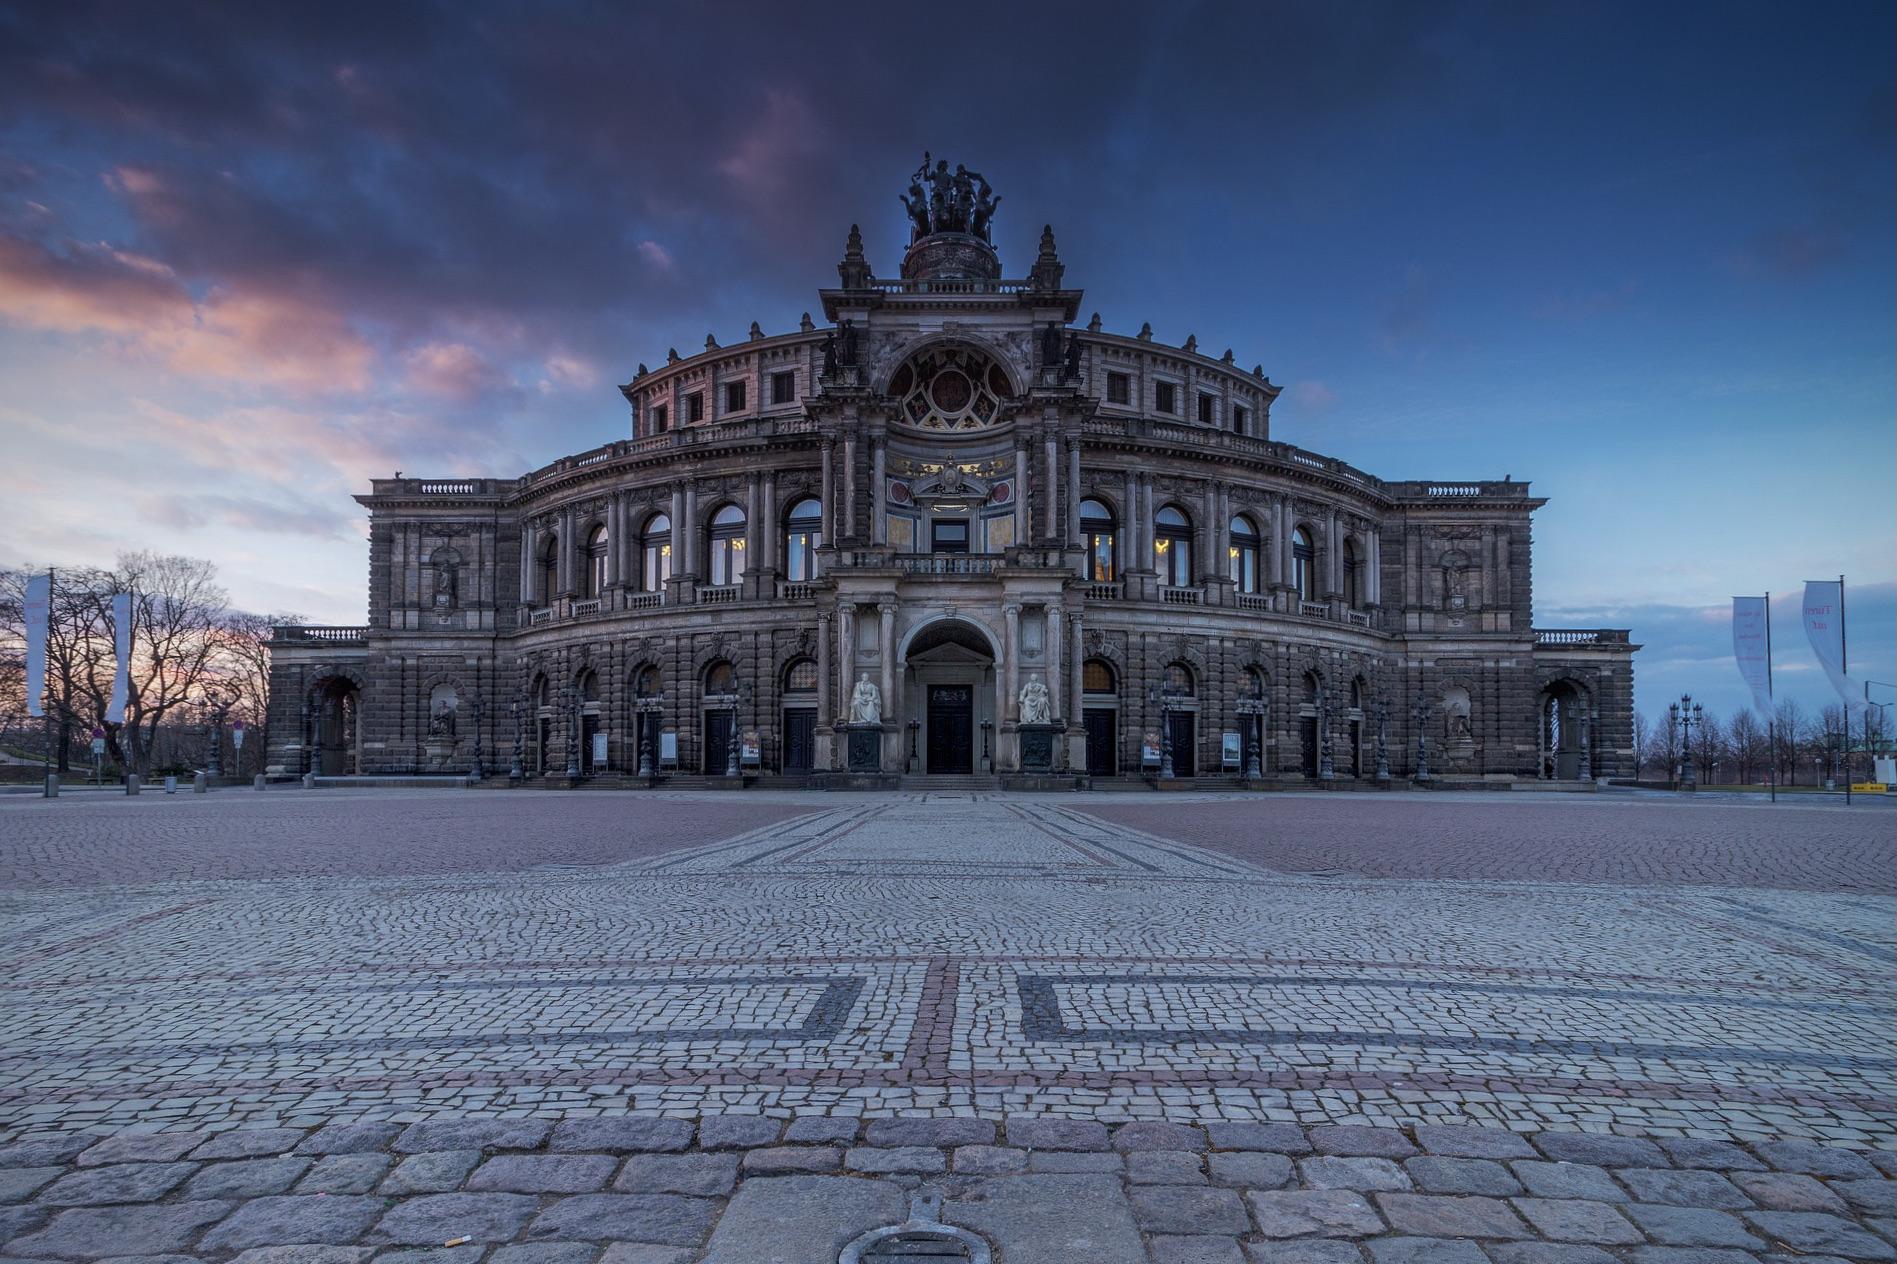 Die Dresdner Semperoper in Sachsen ist eine der schönsten Sehenswürdigkeiten in Deutschland